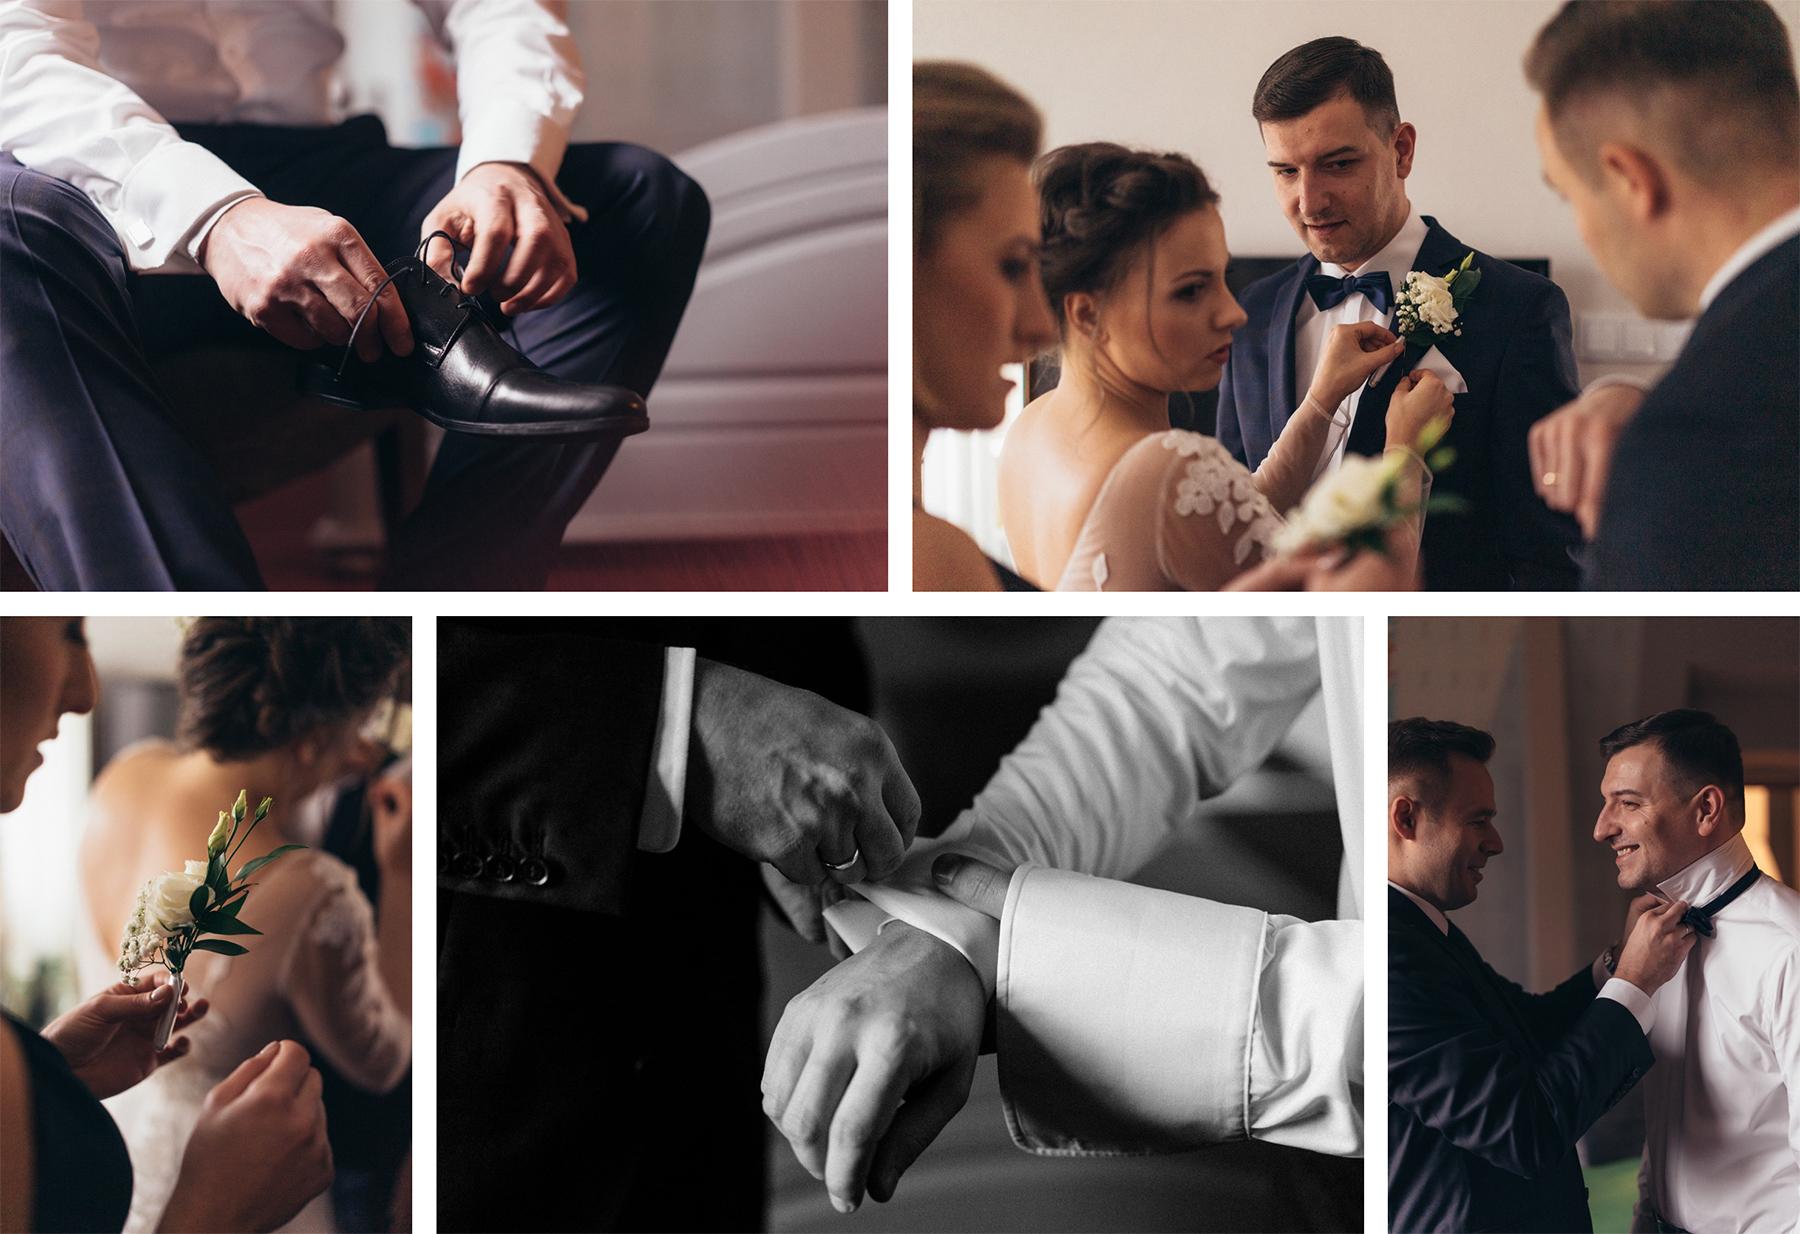 przygotowania panna młoda pan młody świadkowa świadek ślubu przypinanie bukiecik do butonierki